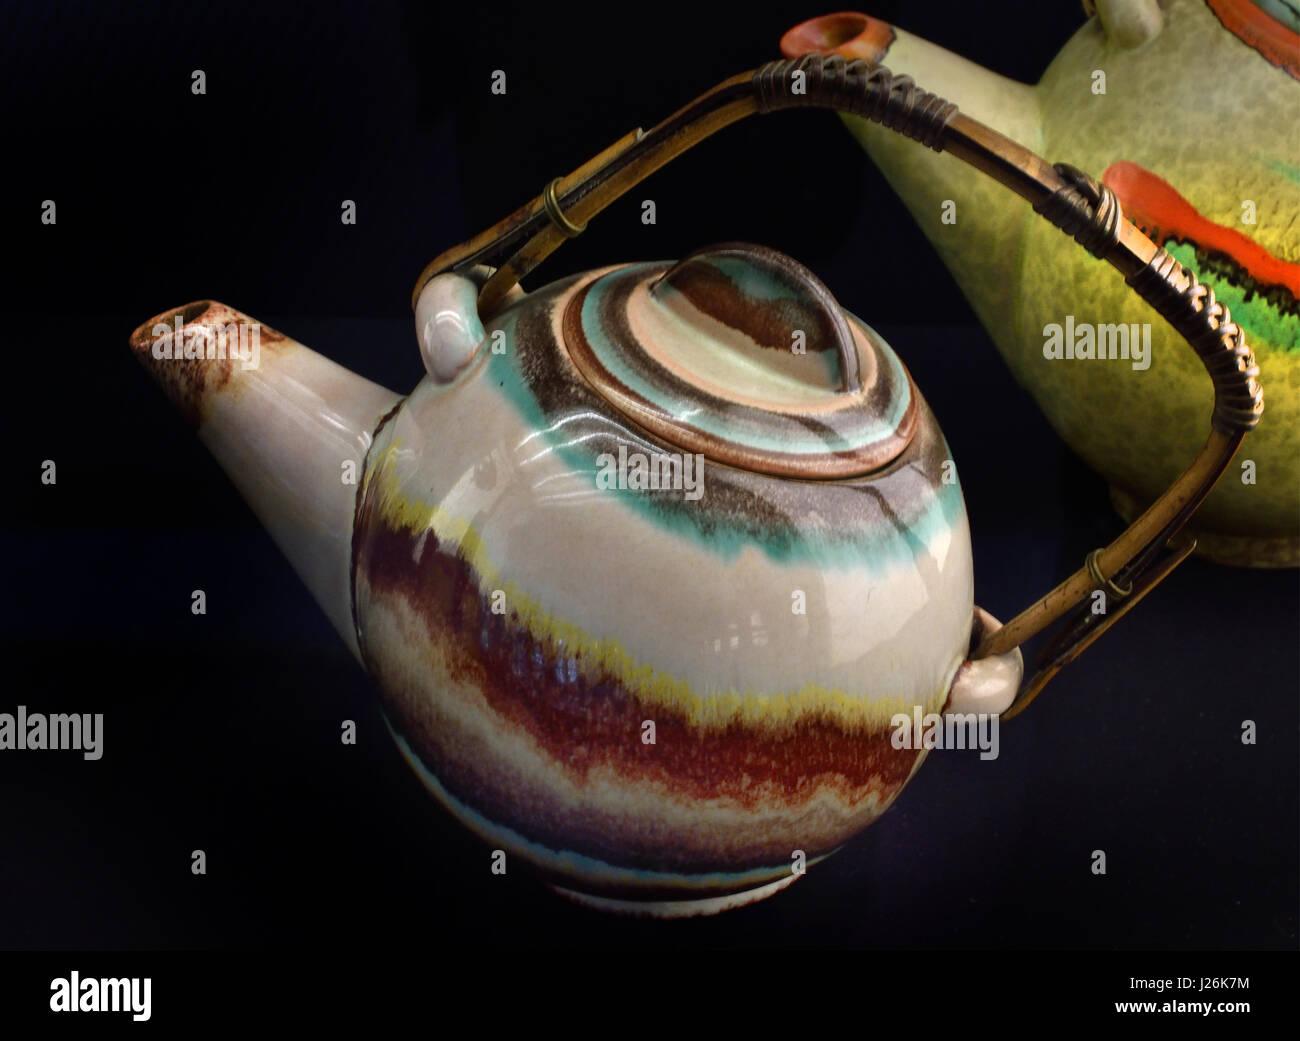 Teekanne, Ausführung, Keramische Werke C & E. Carstens, - Teapot, design, ceramics works C & E. Carstens, Georgenthal Stock Photo